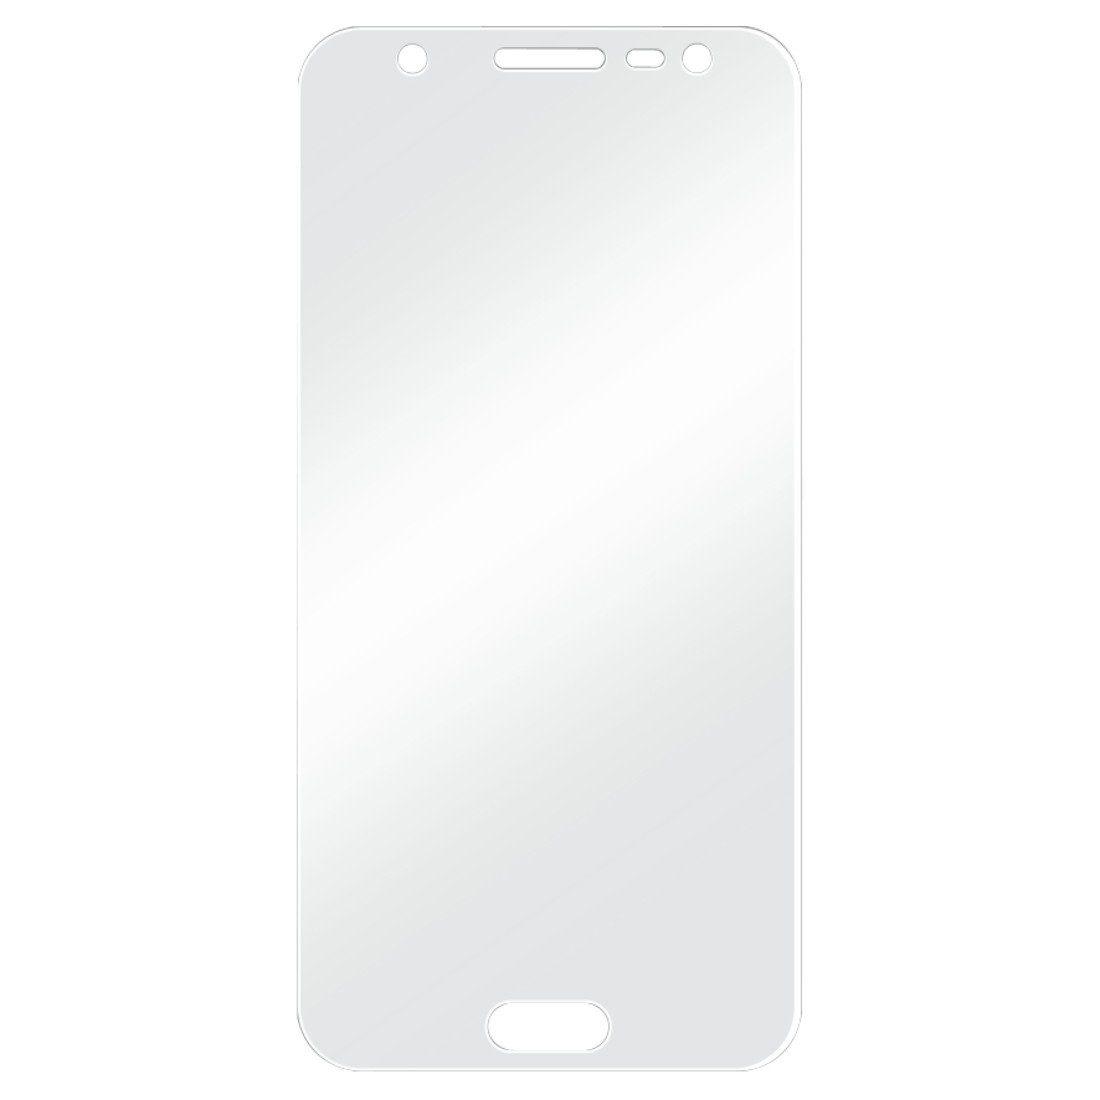 Hama Displayschutzfolie für Samsung Galaxy J5 2er Set Handyfolie »Displayschutz Schutzfolie«